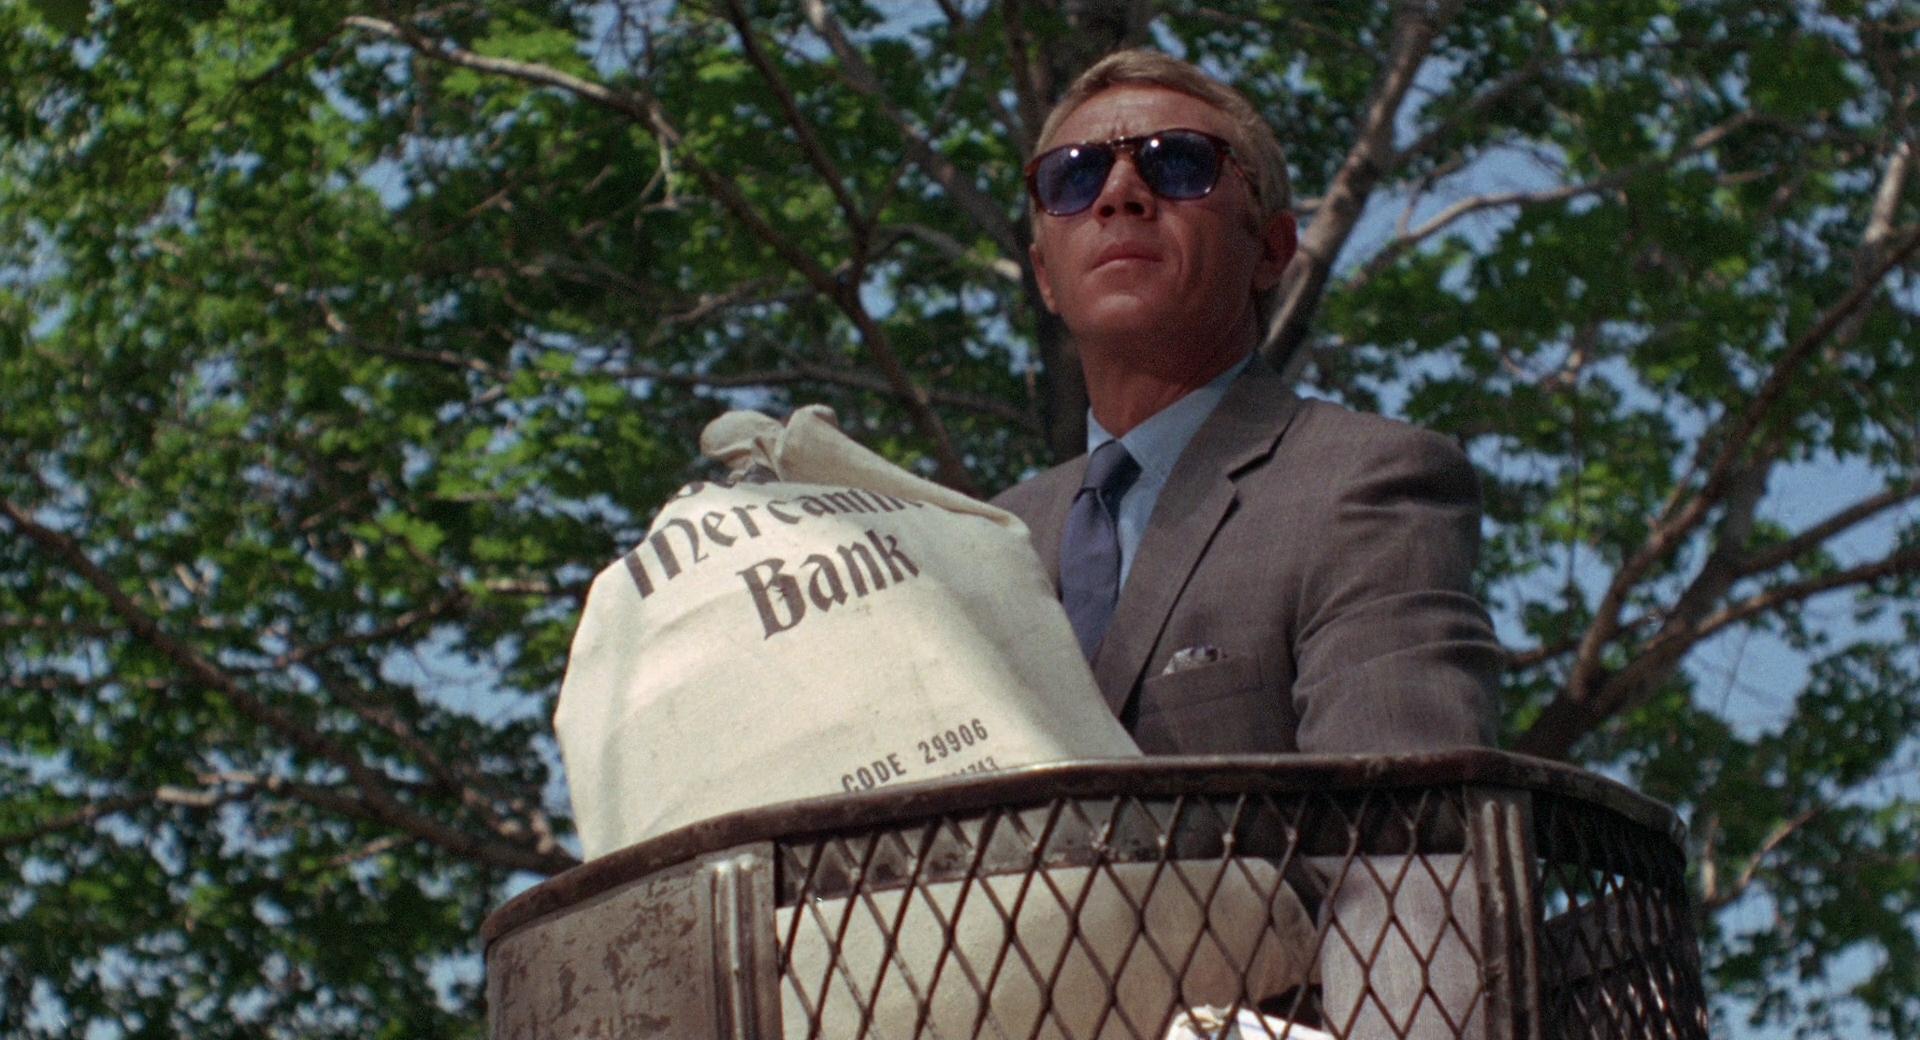 The Thomas Crown Affair - Steve McQueen